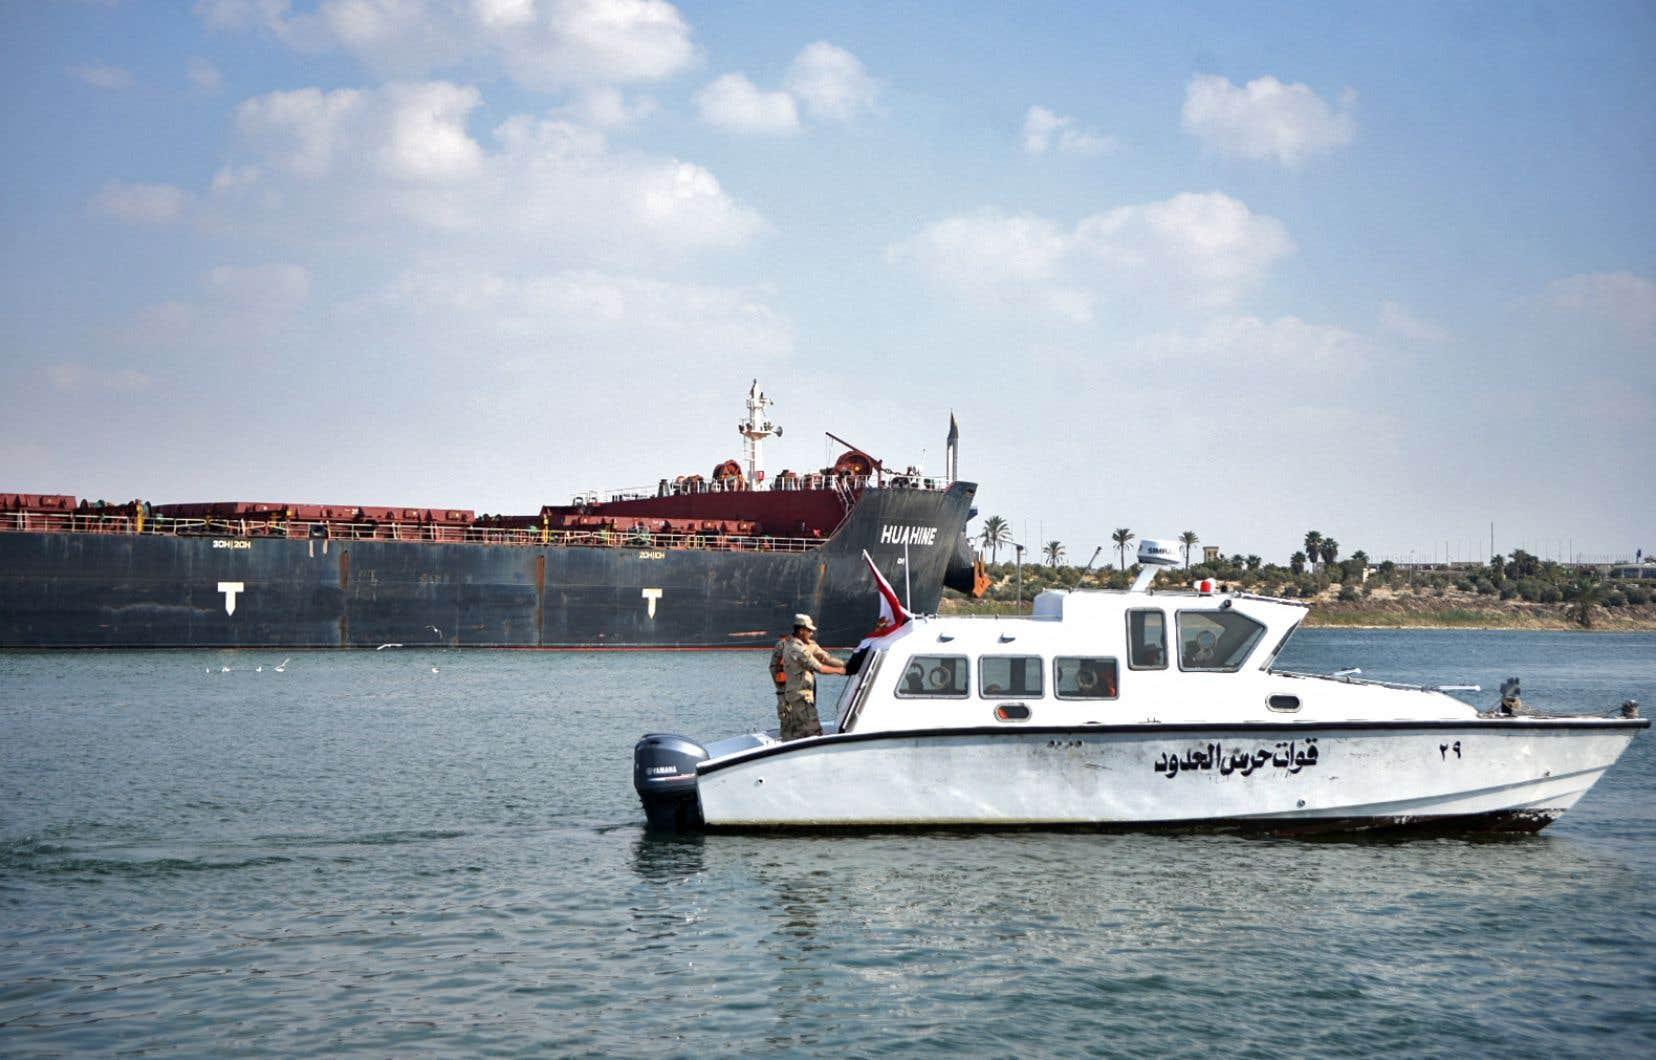 Au total, 422 navires, chargés de 26millions de tonnes de marchandises ont été bloqués dans l'embouteillage.